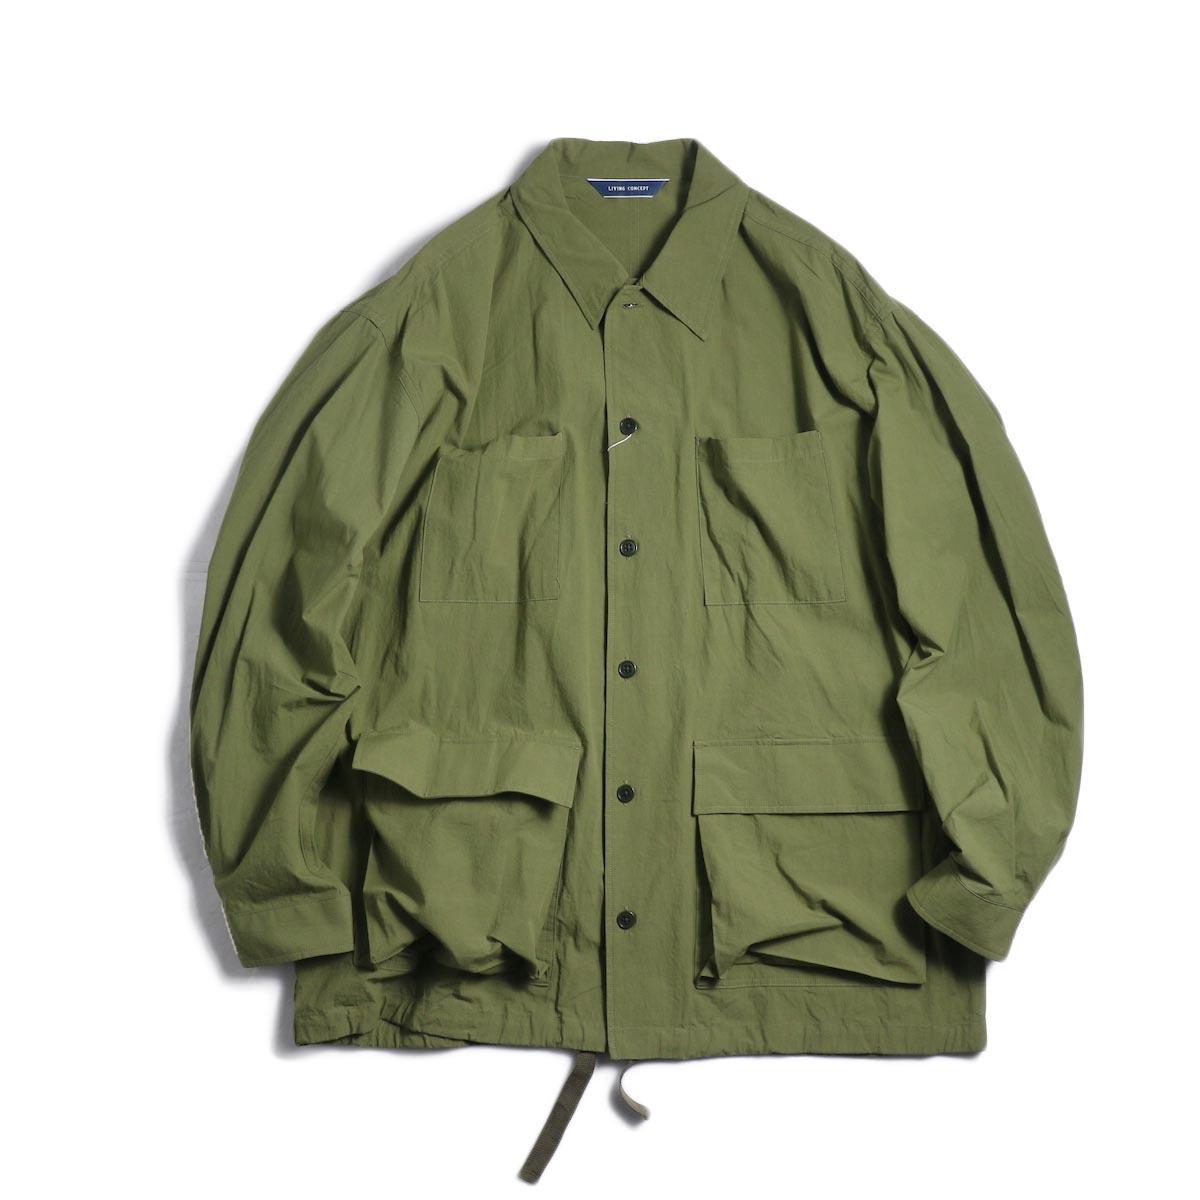 Living Concept / BDU Jacket -Olive